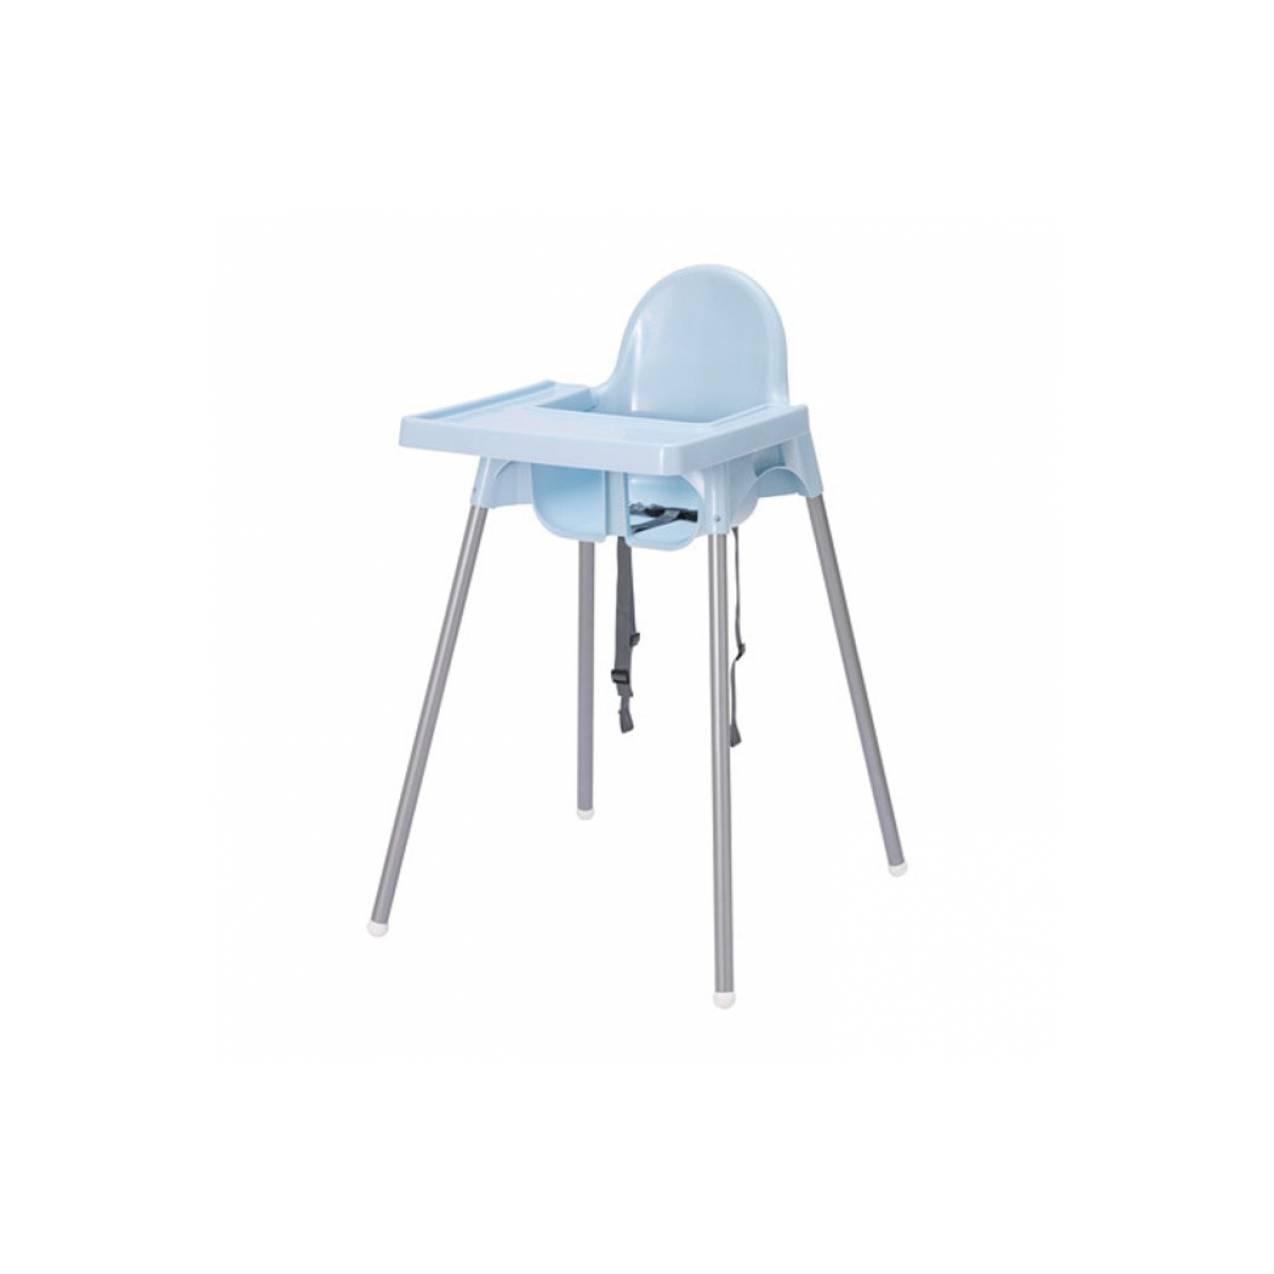 PALING MURAH!!! Kursi Bayi IKEA~ Babychair IKEA - Biru